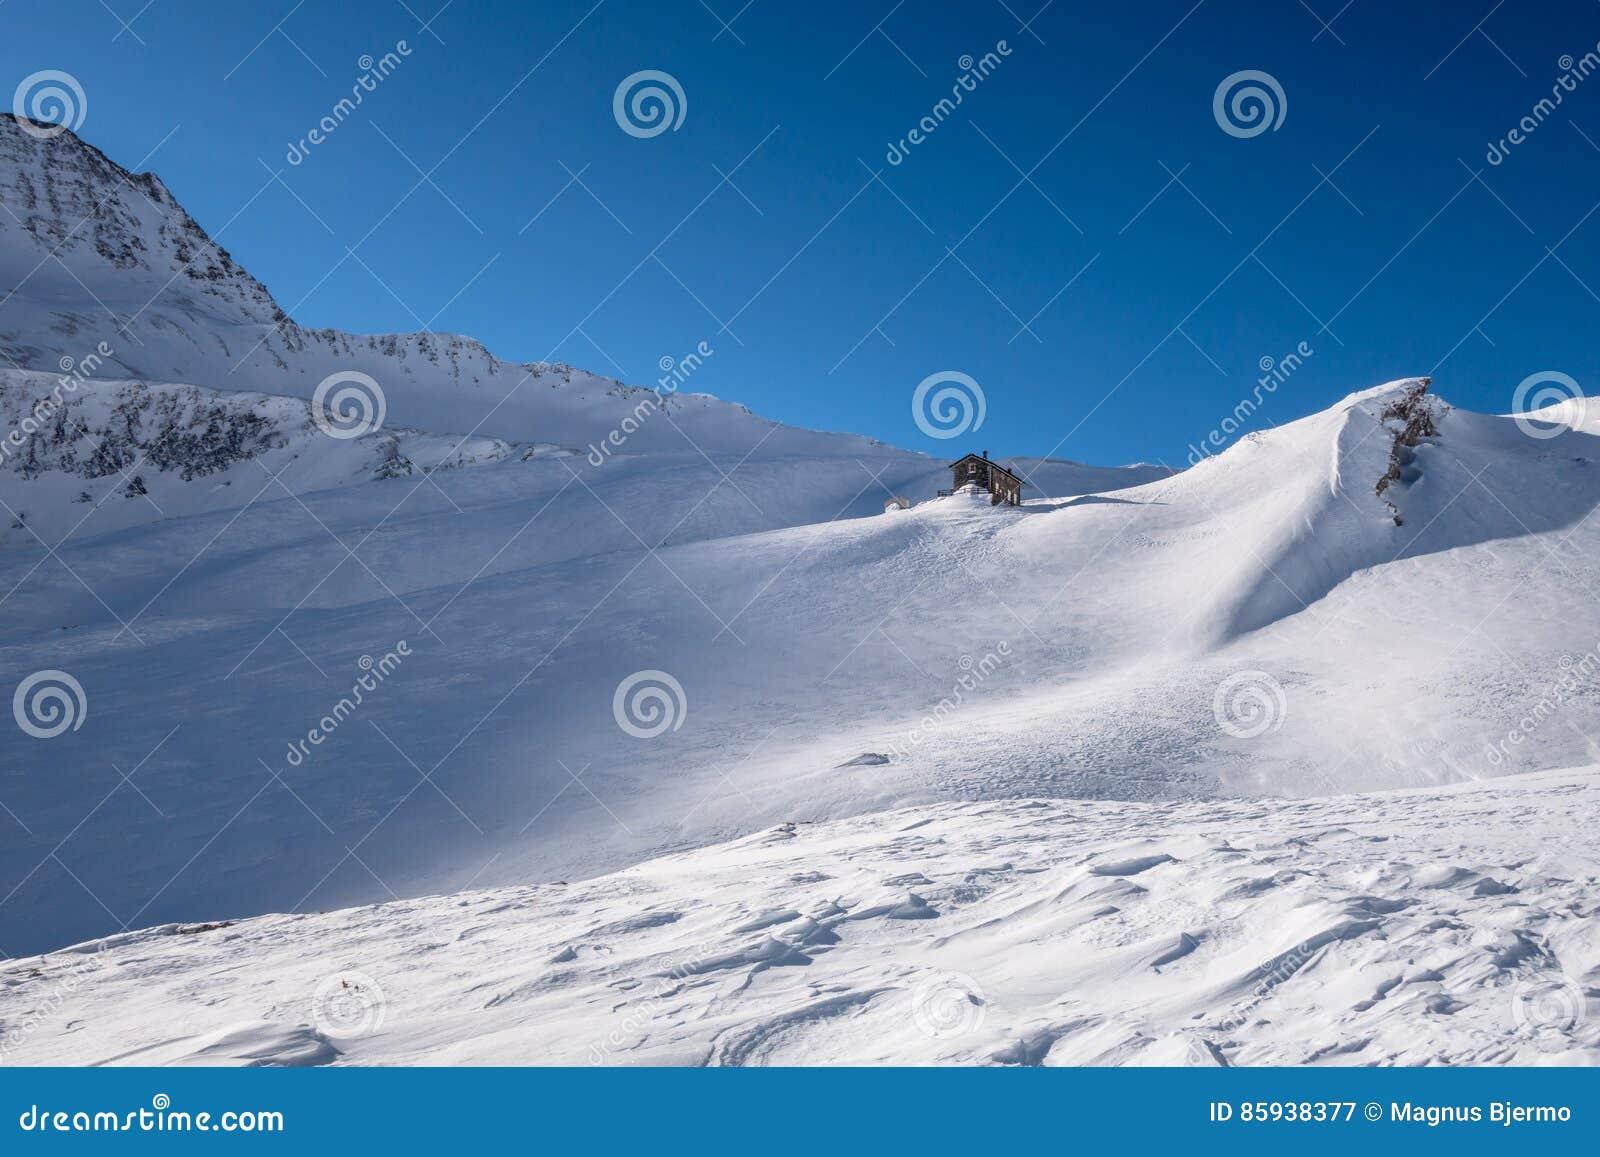 Αλπικό καταφύγιο κάτω από την κορυφογραμμή βουνών το χειμώνα στο ανεμοδαρμένο χιόνι